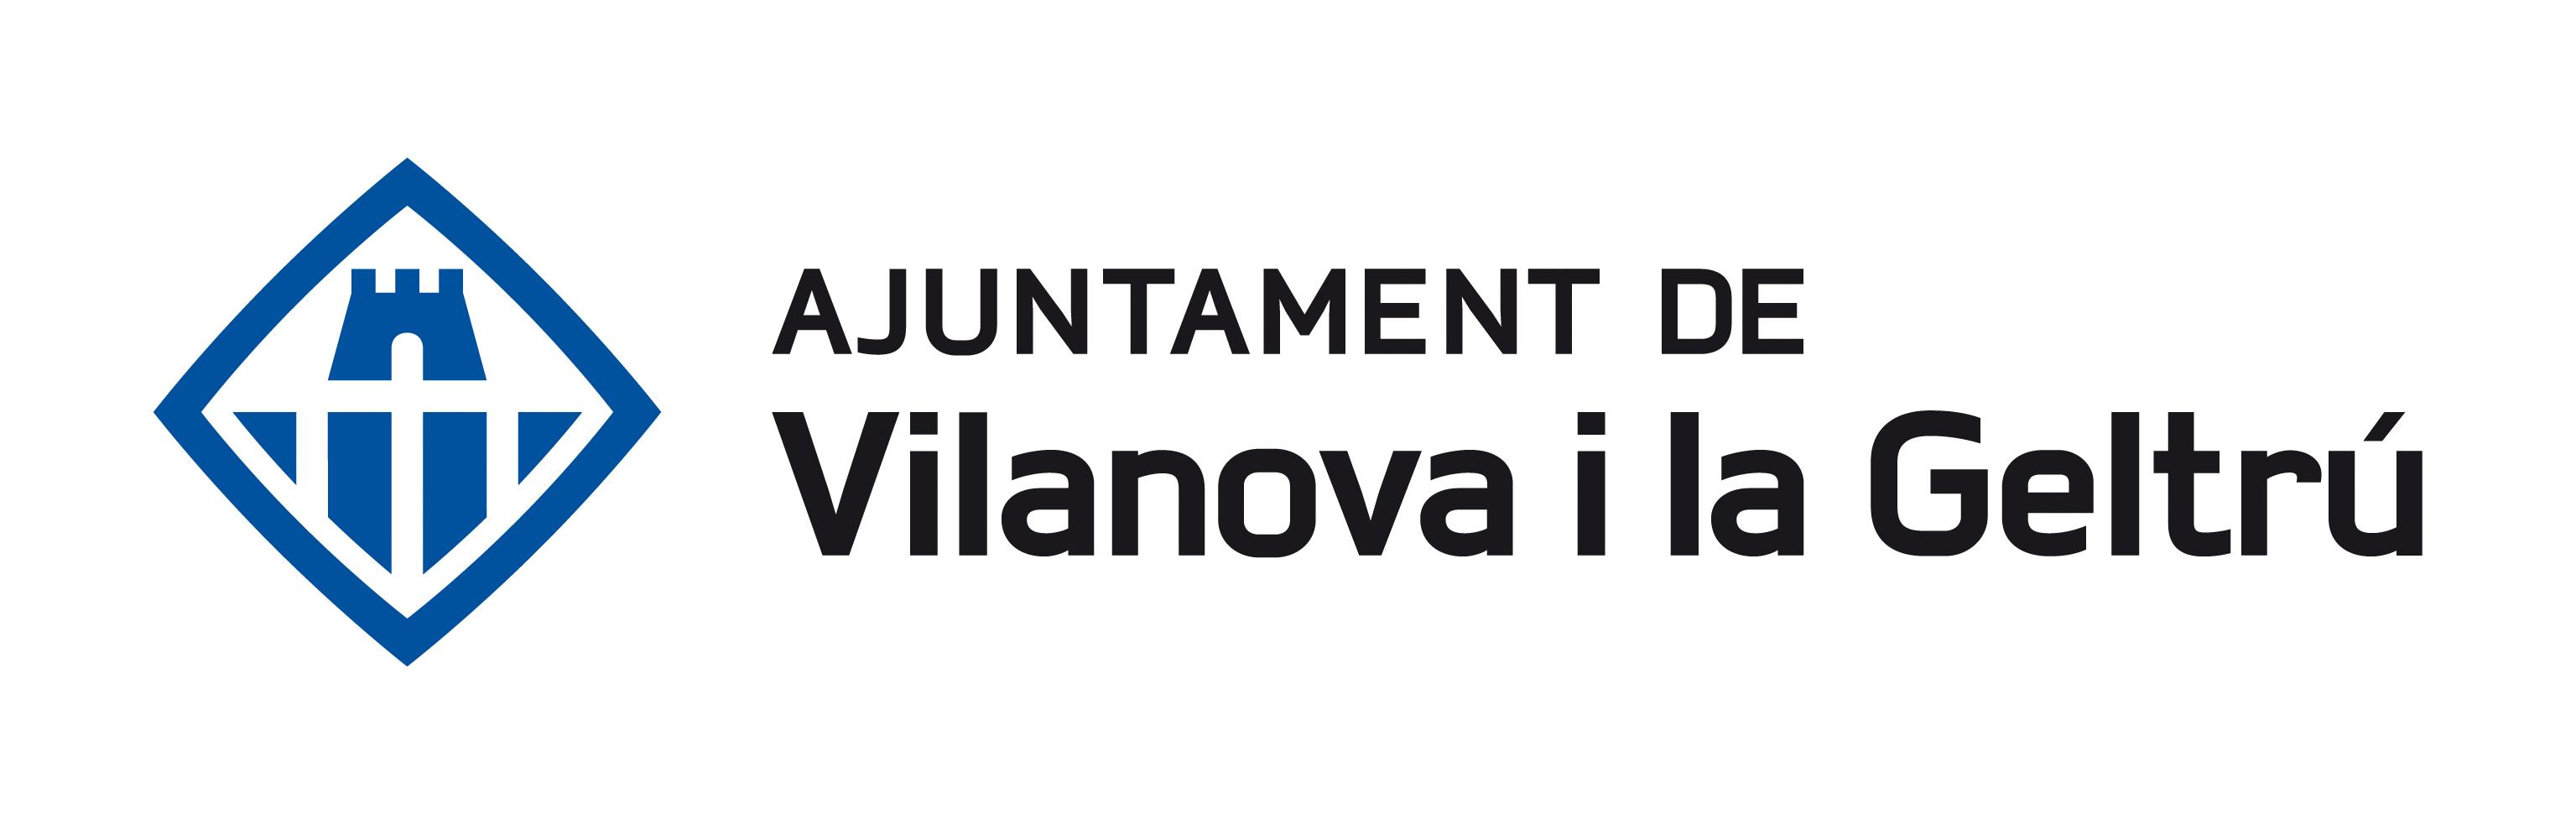 vilanova ajuntament: